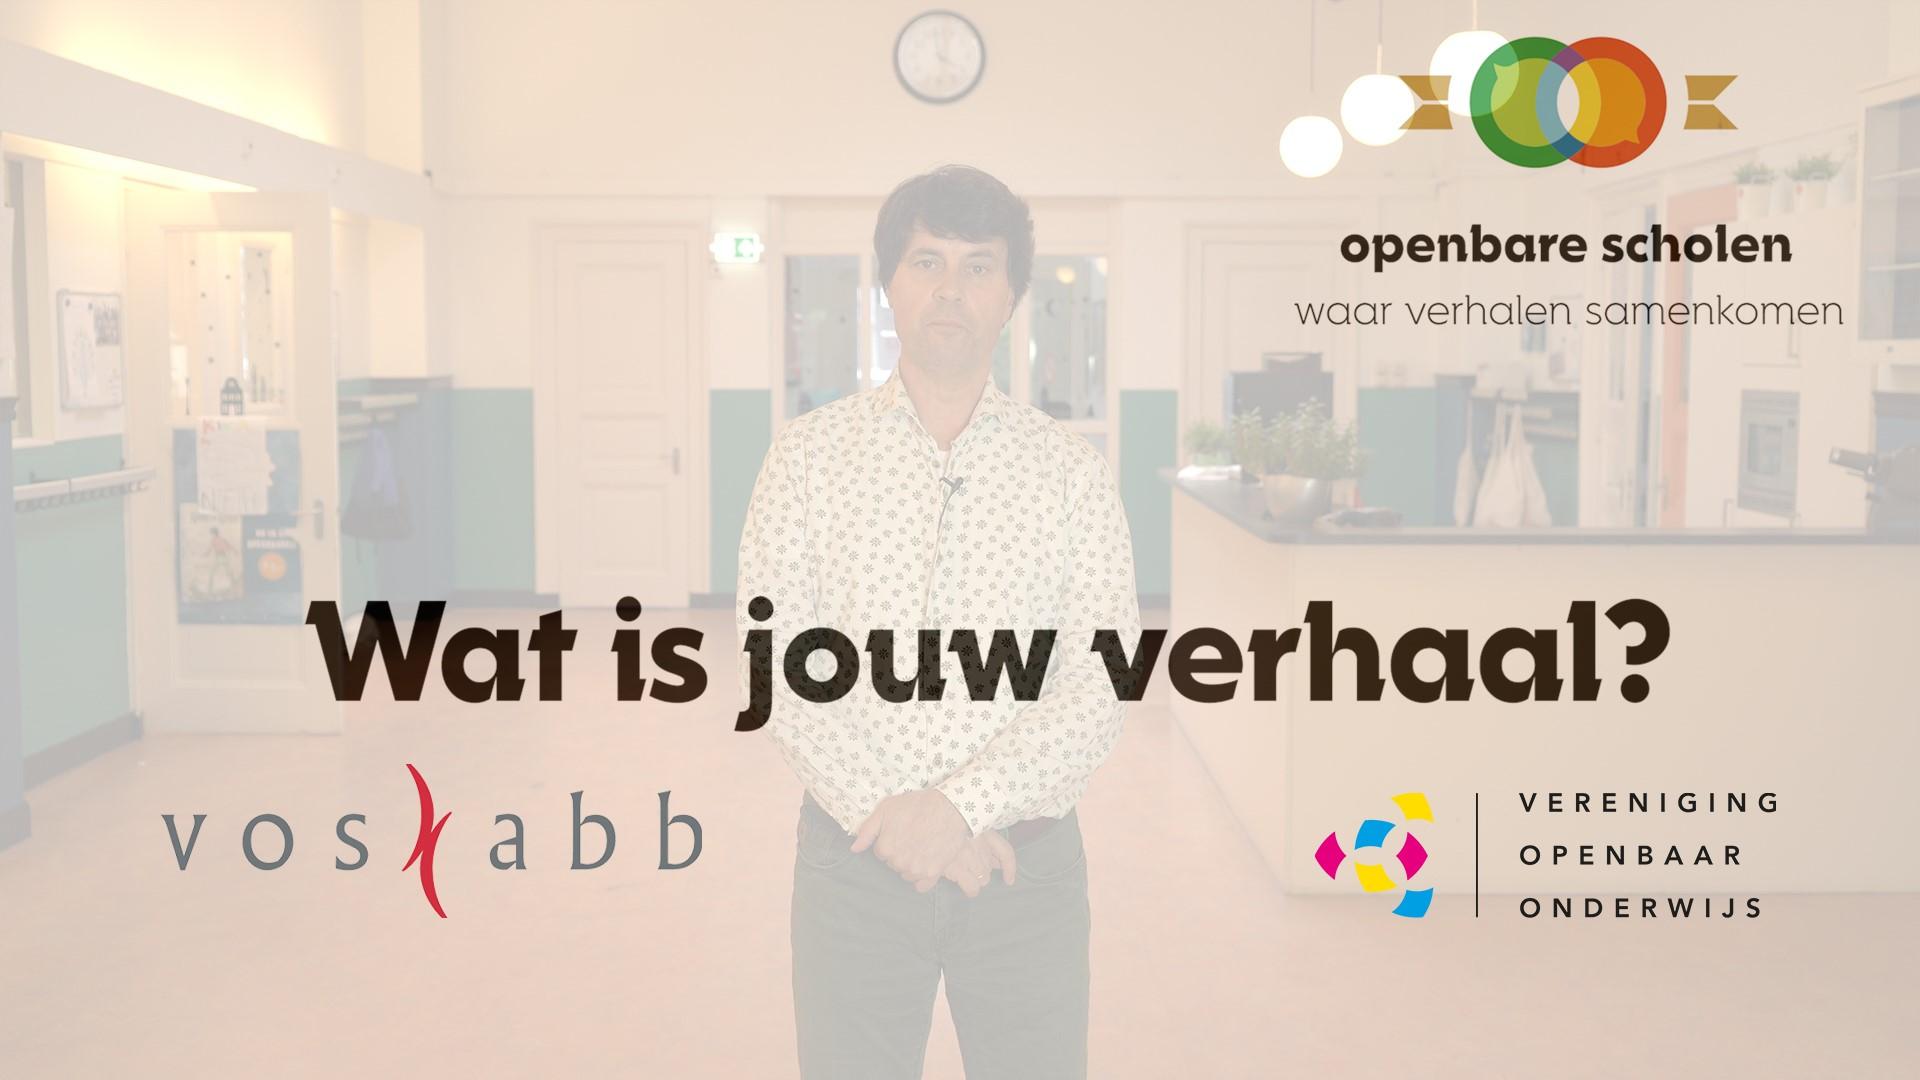 Johan (leerkracht) over zijn openbare school